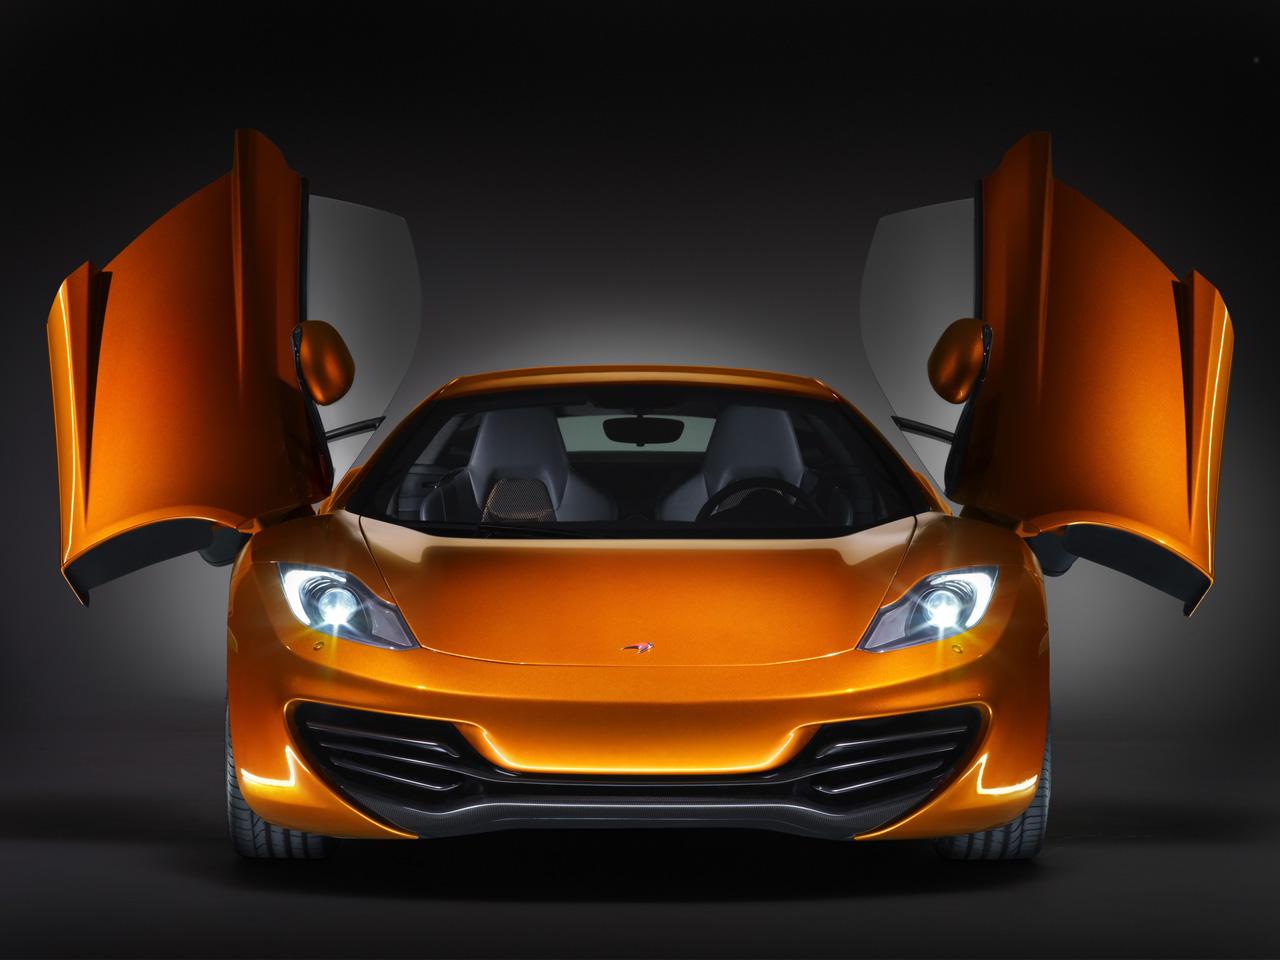 McLaren MP4-12C front view Wallpapers Desktop Download